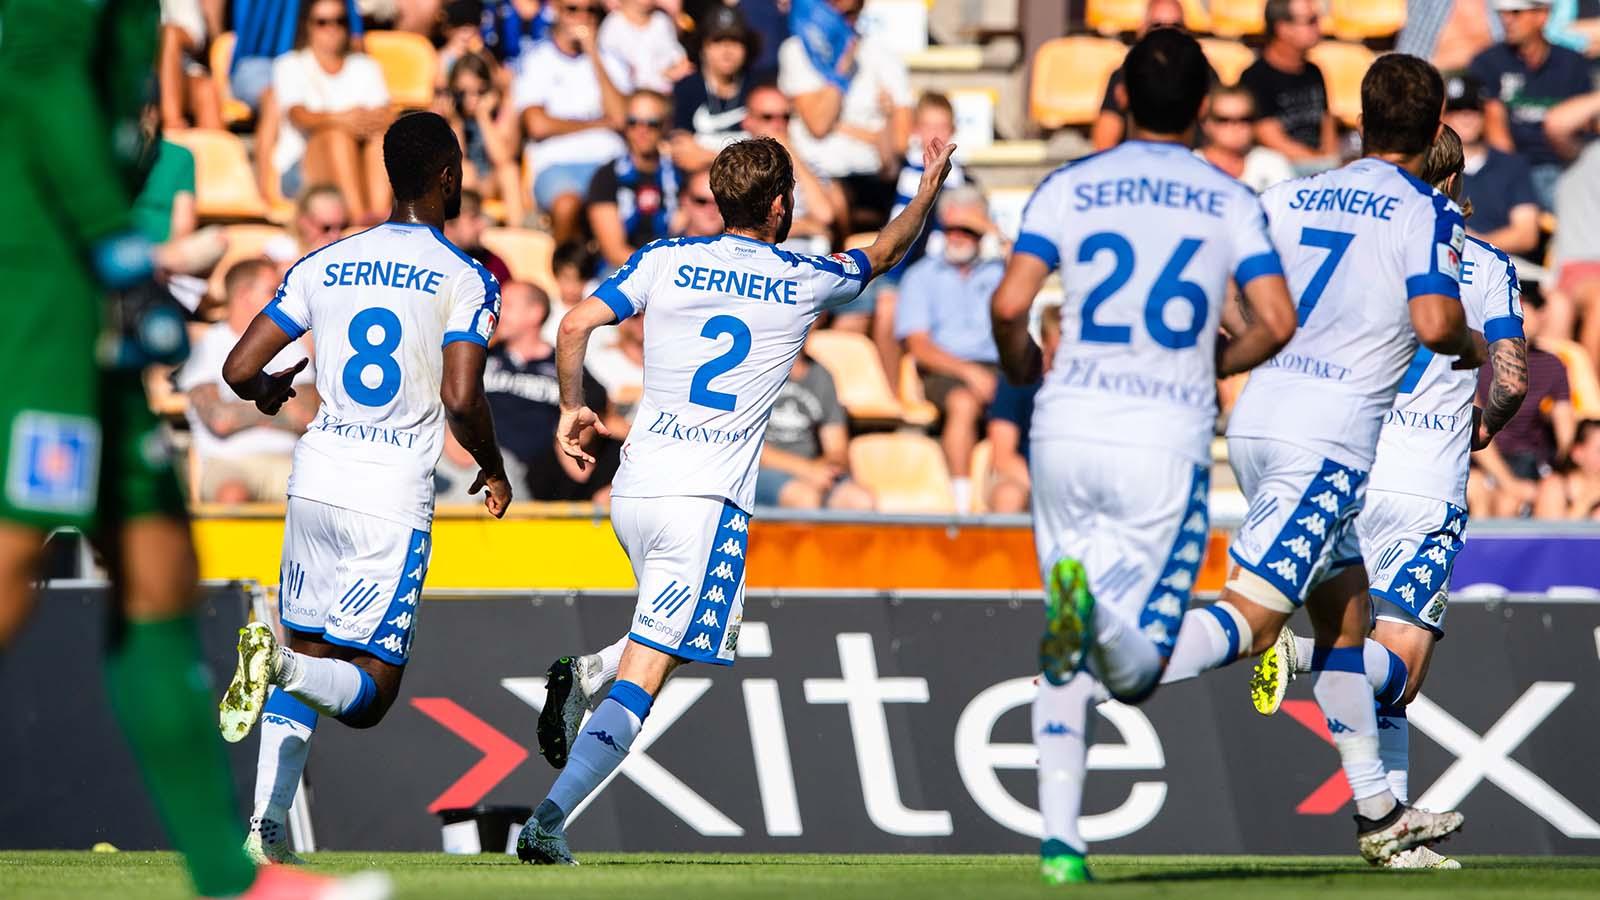 180722 IFK Göteborgs Emil Salomonsson jublar efter 0-1 under fotbollsmatchen i Allsvenskan mellan Sirius och IFK Göteborg den 22 juli 2018 i Uppsala. Foto: Jonathan Näckstrand / BILDBYRÅN / Cop 94